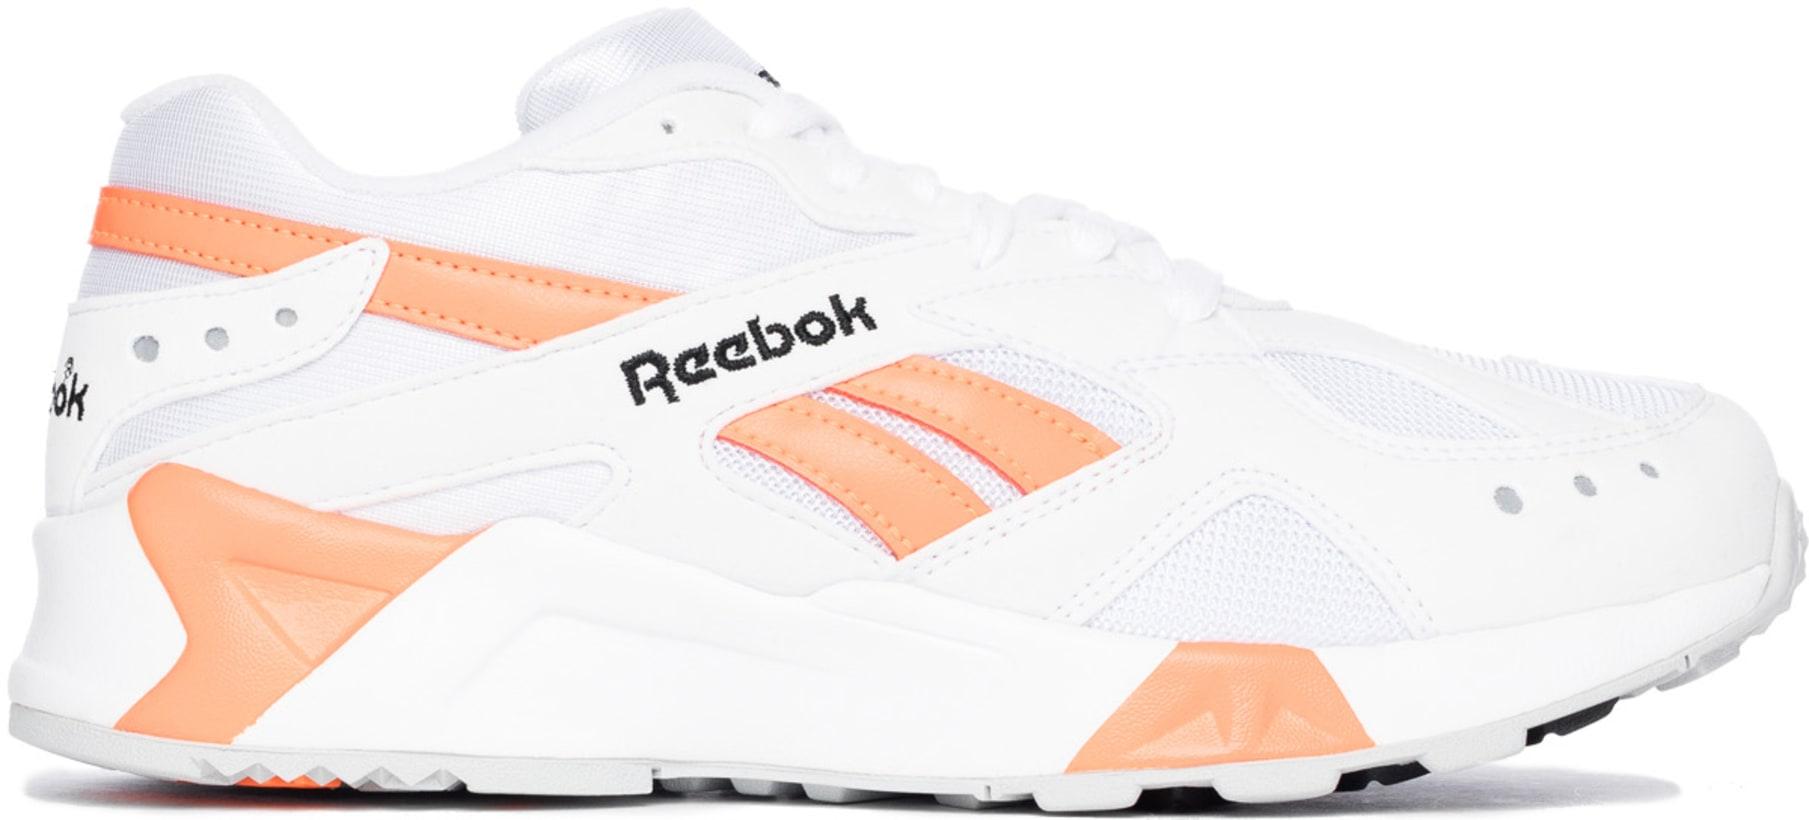 597c89230b5d Reebok  Aztrek - OG White Black Solar Orange